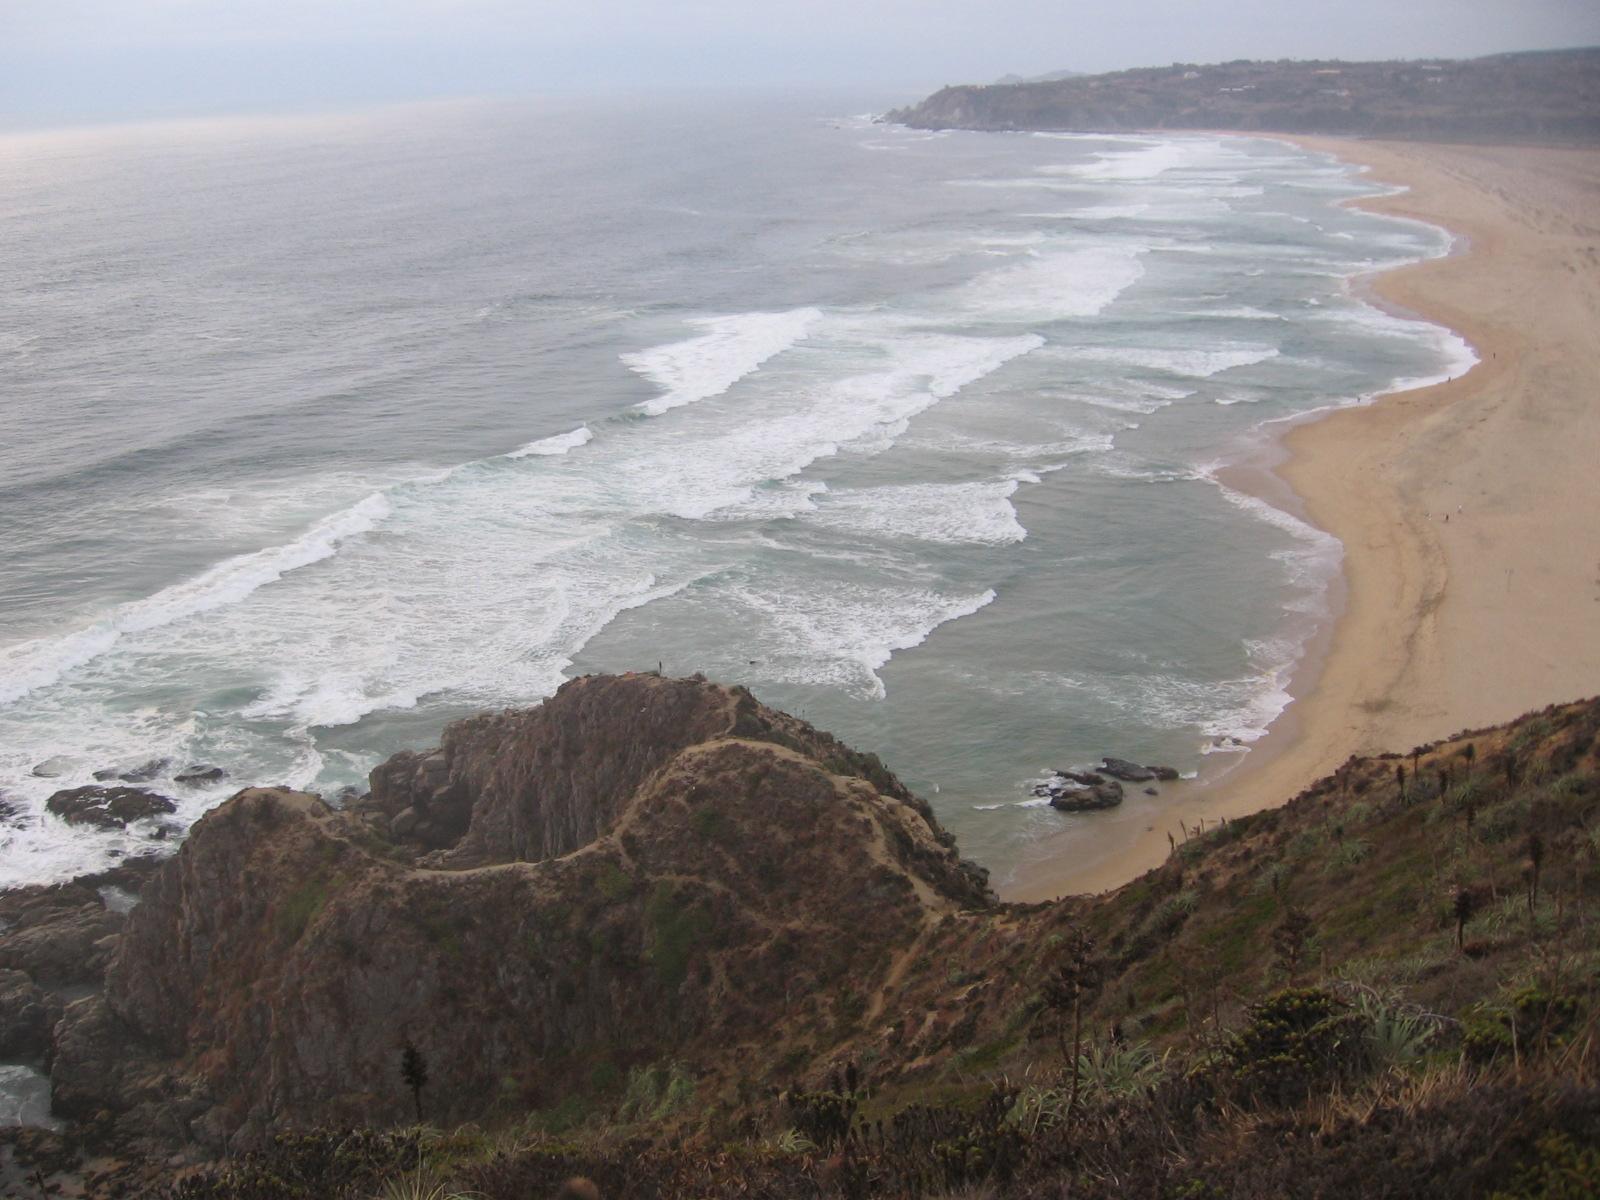 Superintendencia de Medioambiente abre investigación contra inmobiliaria por proyecto en borde costero de Tunquén